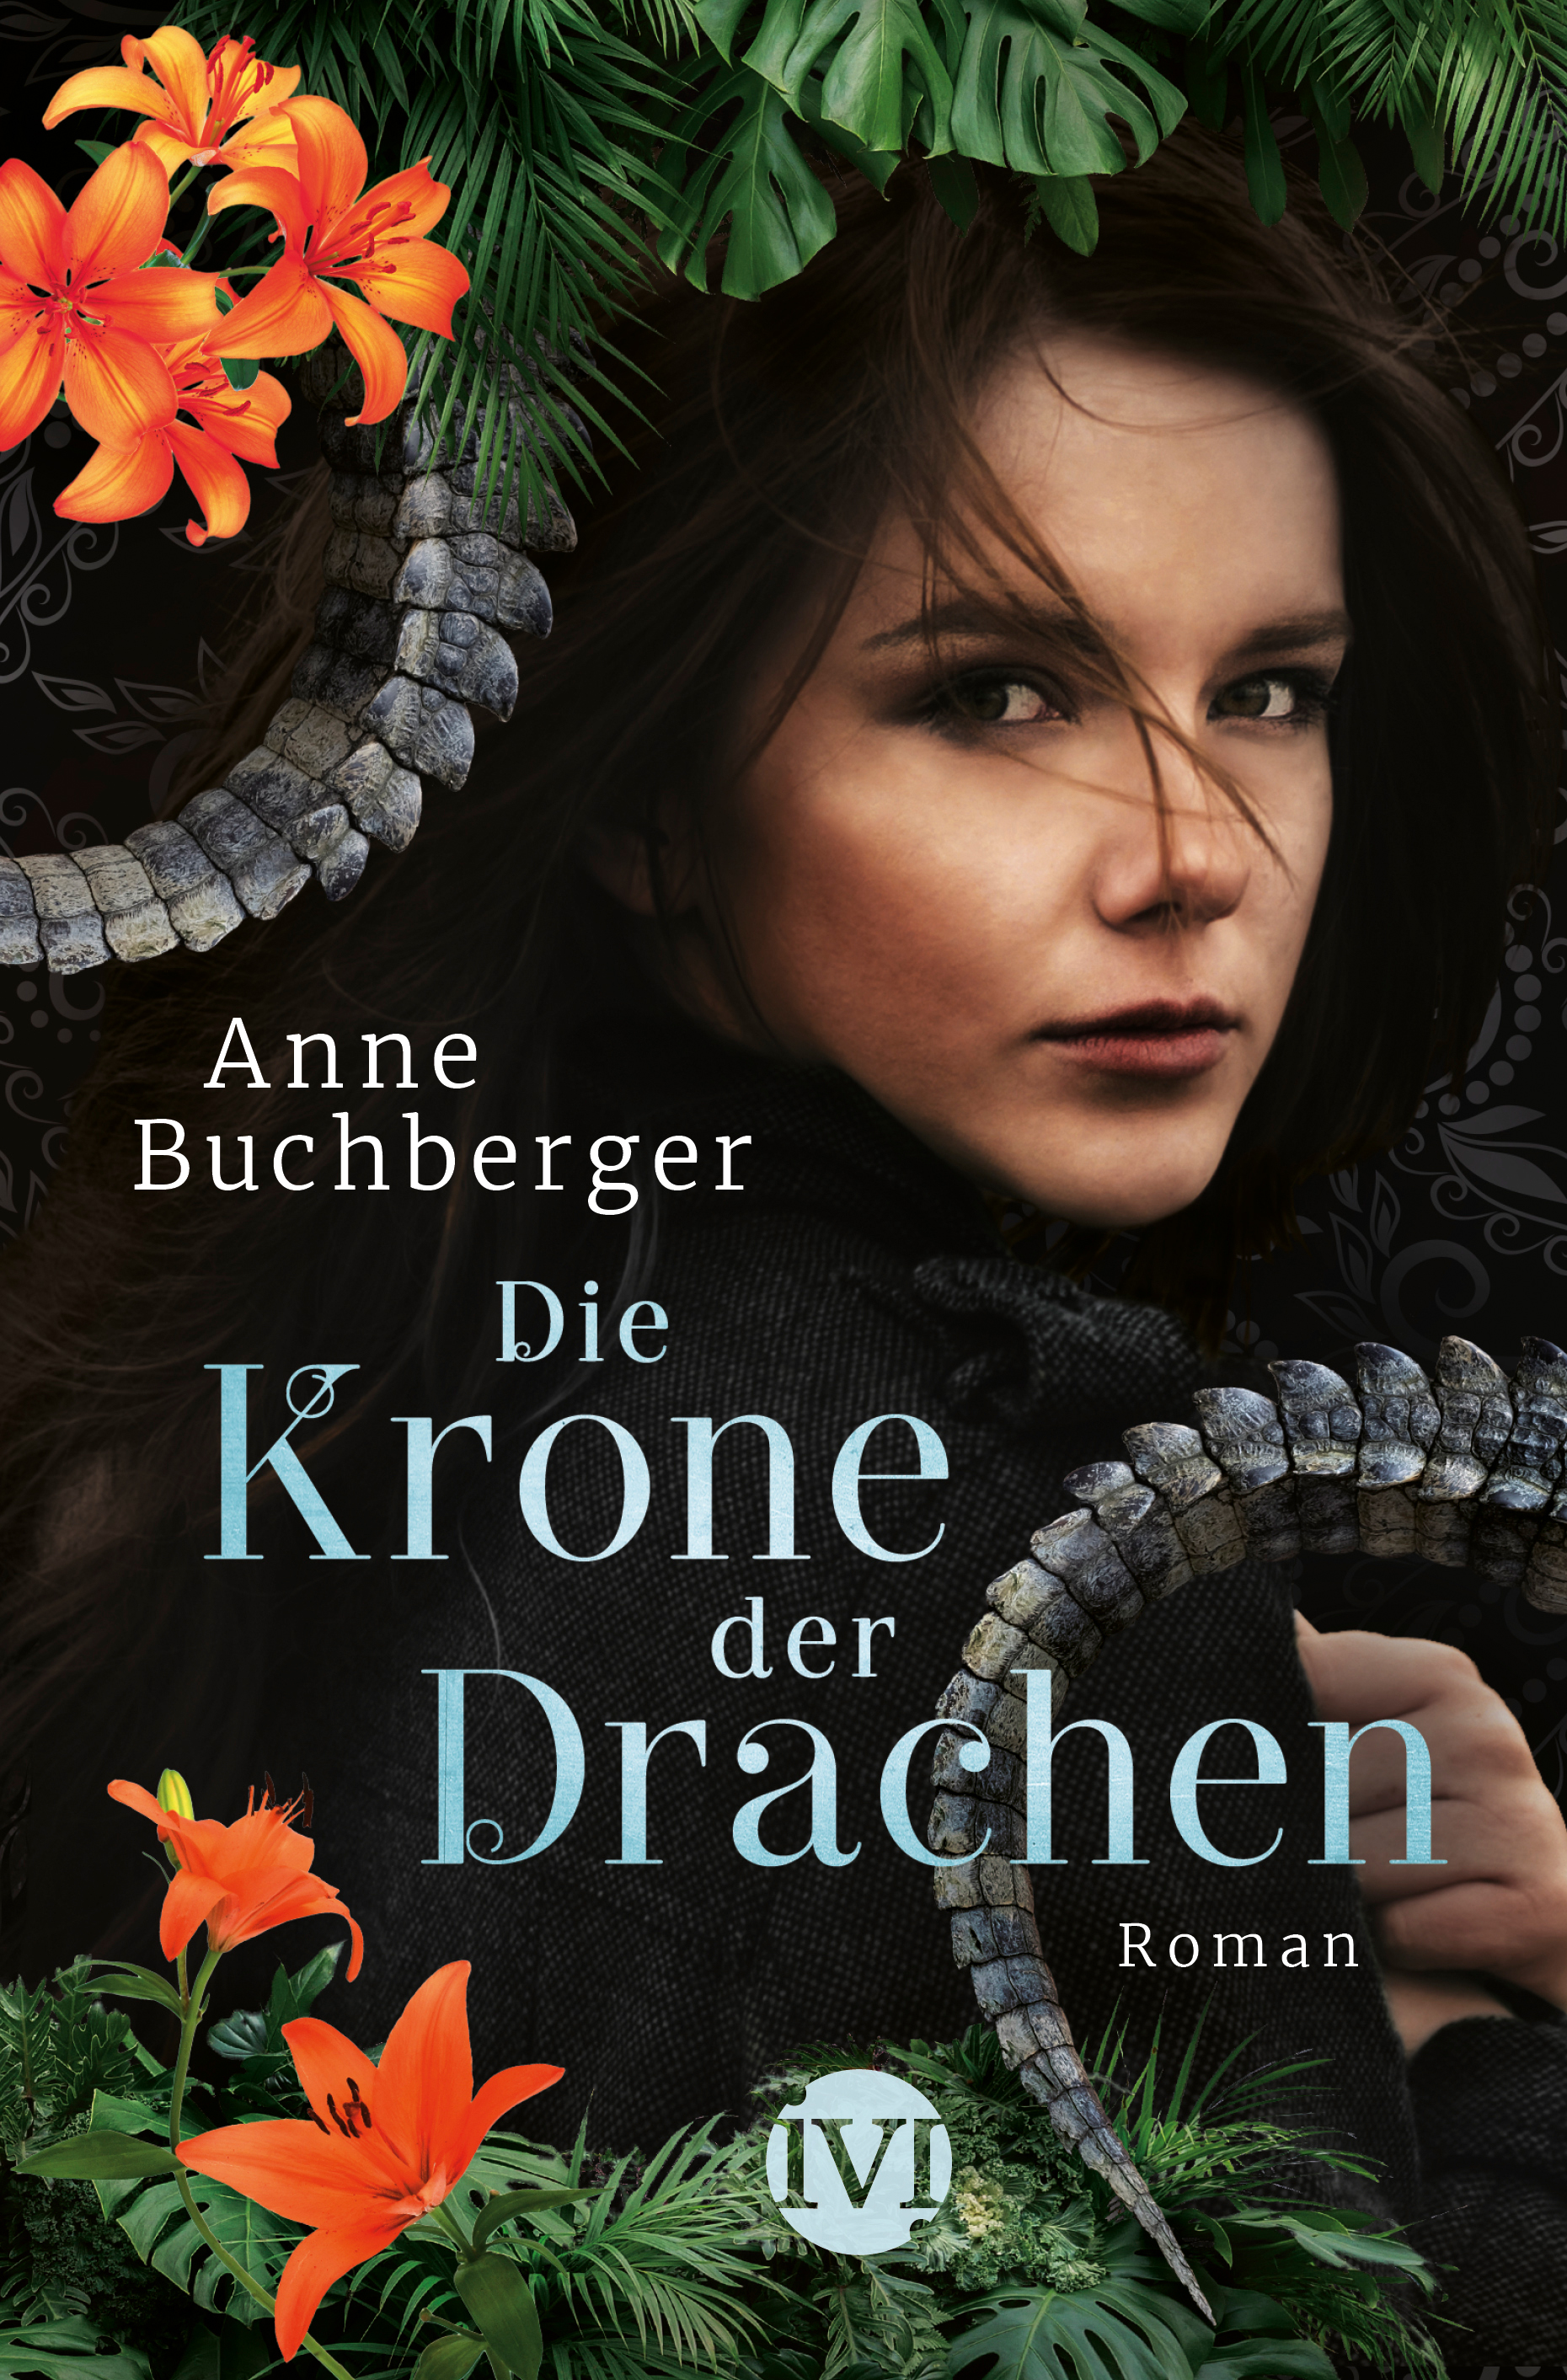 Bücherblog. Buchcover. Die Krone der Drachen von Anne Buchberger. Fantasy. Jugendbuch. Piper.